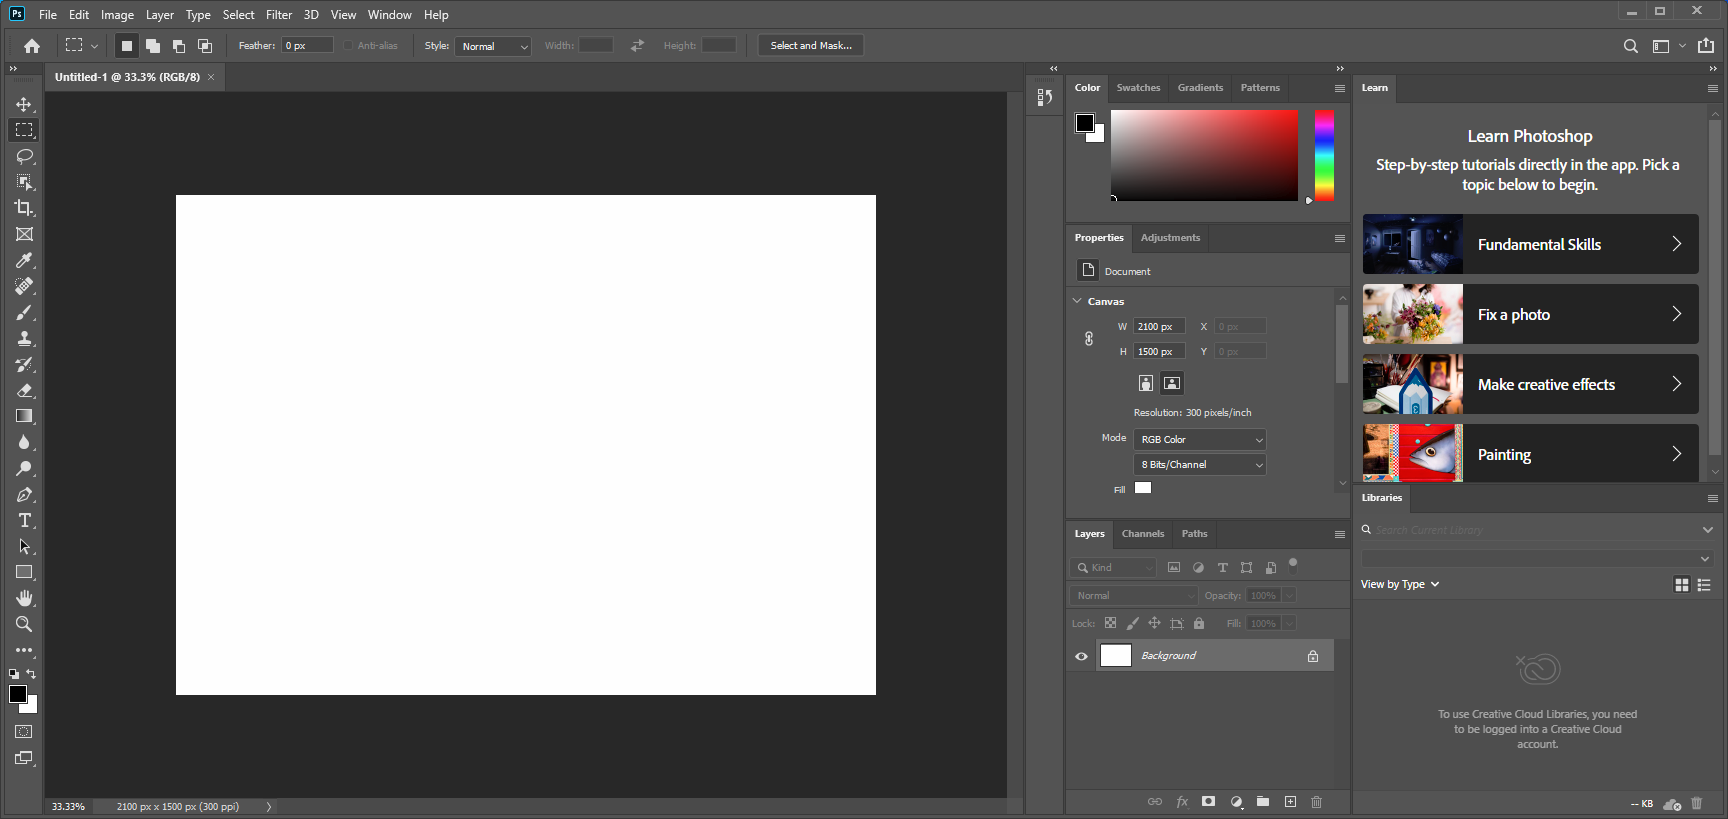 photoshop21.1.2